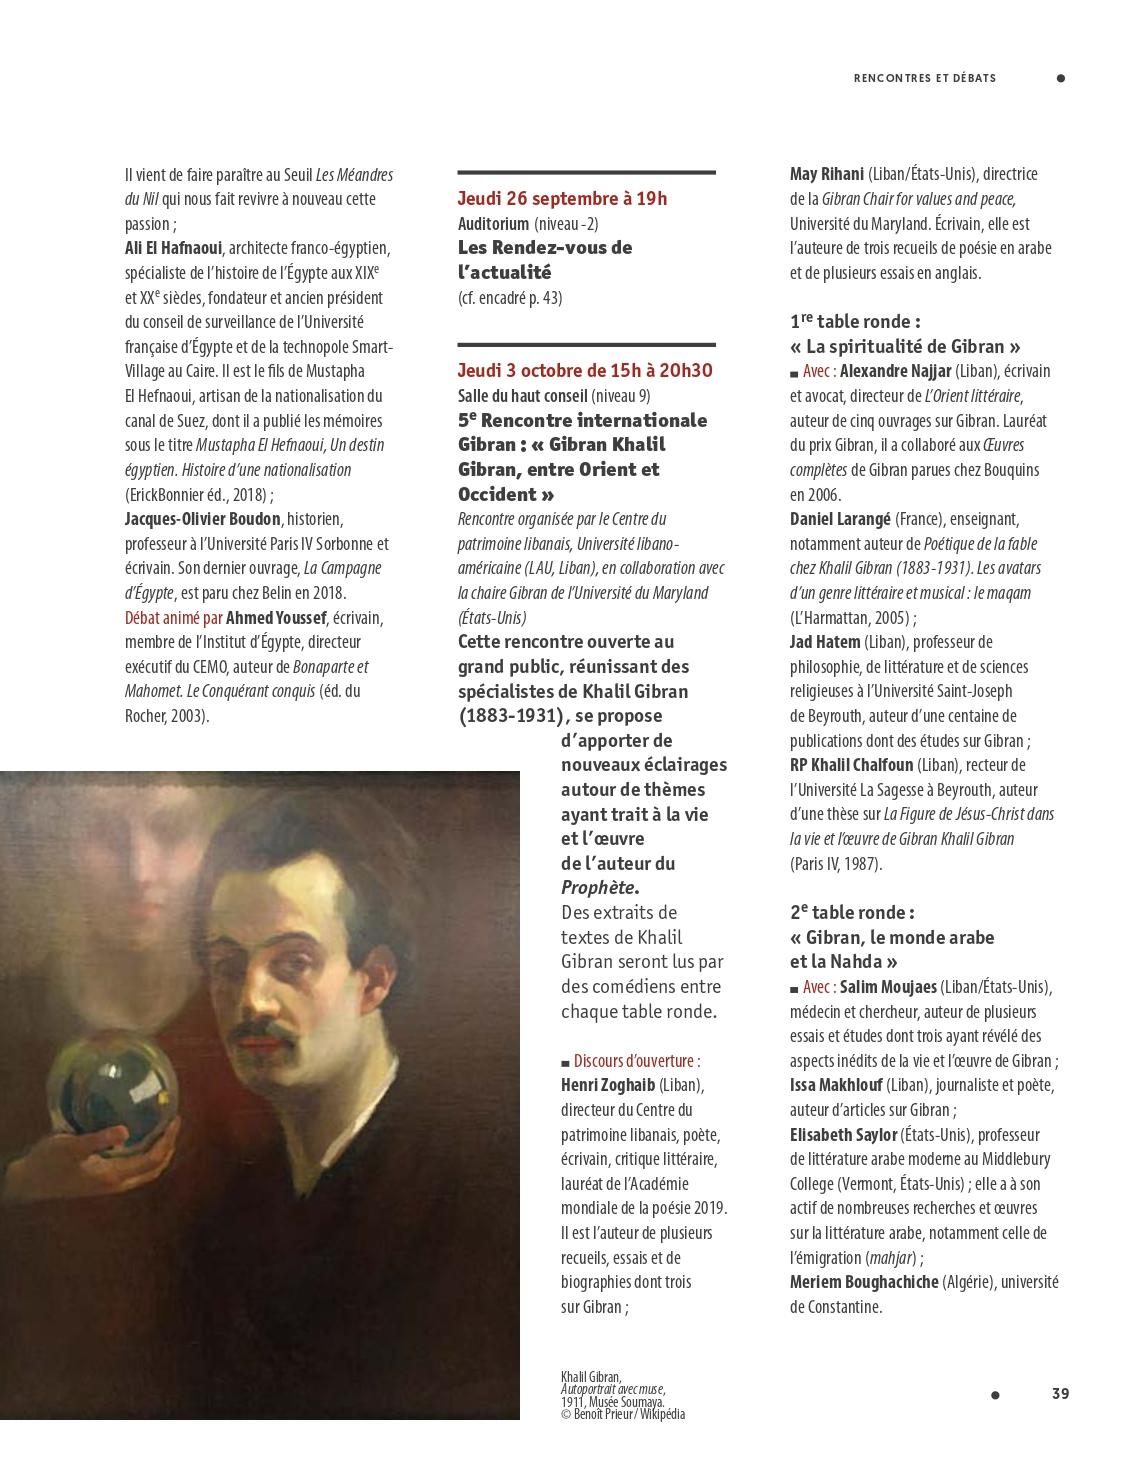 5e Rencontre internationale Gibran: «Gibran Khalil Gibran, entre Orient et Occident», L'Actualité: Le Programme de l'Institut du Monde Arabe de l'Ima, 9 Oct 2019-19 Jan 2020, p. 39.